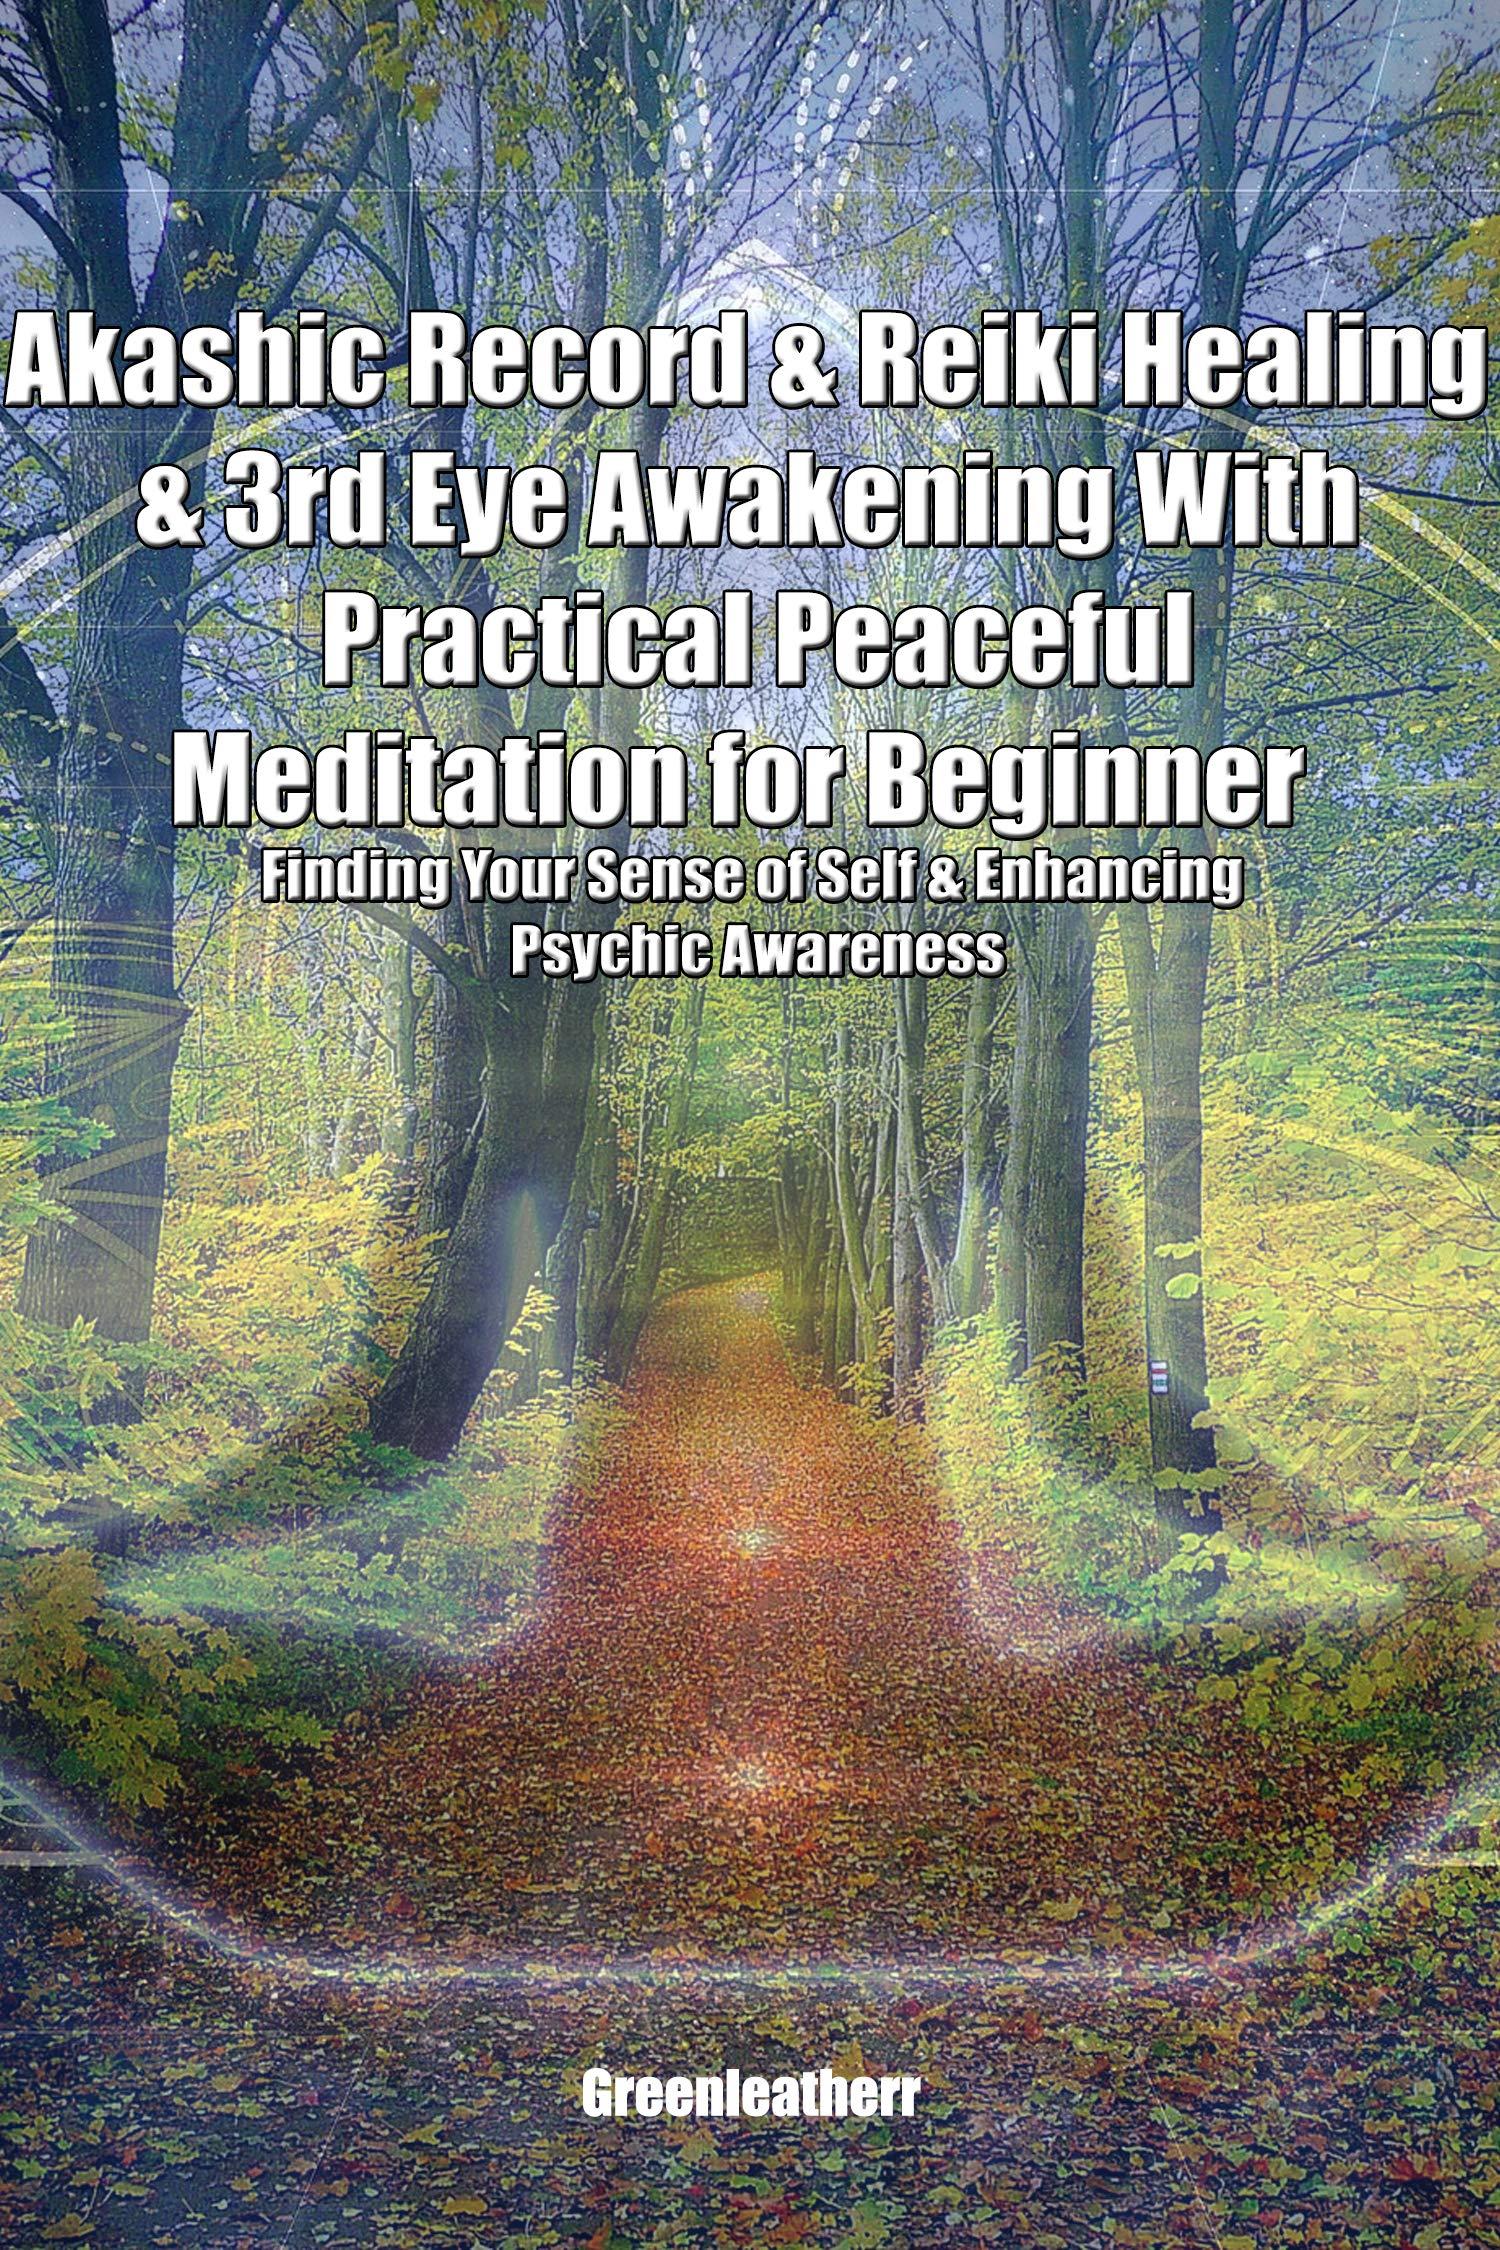 Akashic Record & Reiki Healing & 3rd Eye Awakening With Practical Peaceful Meditation for Beginner: Finding Your Sense of Self & Enhancing Psychic Awareness